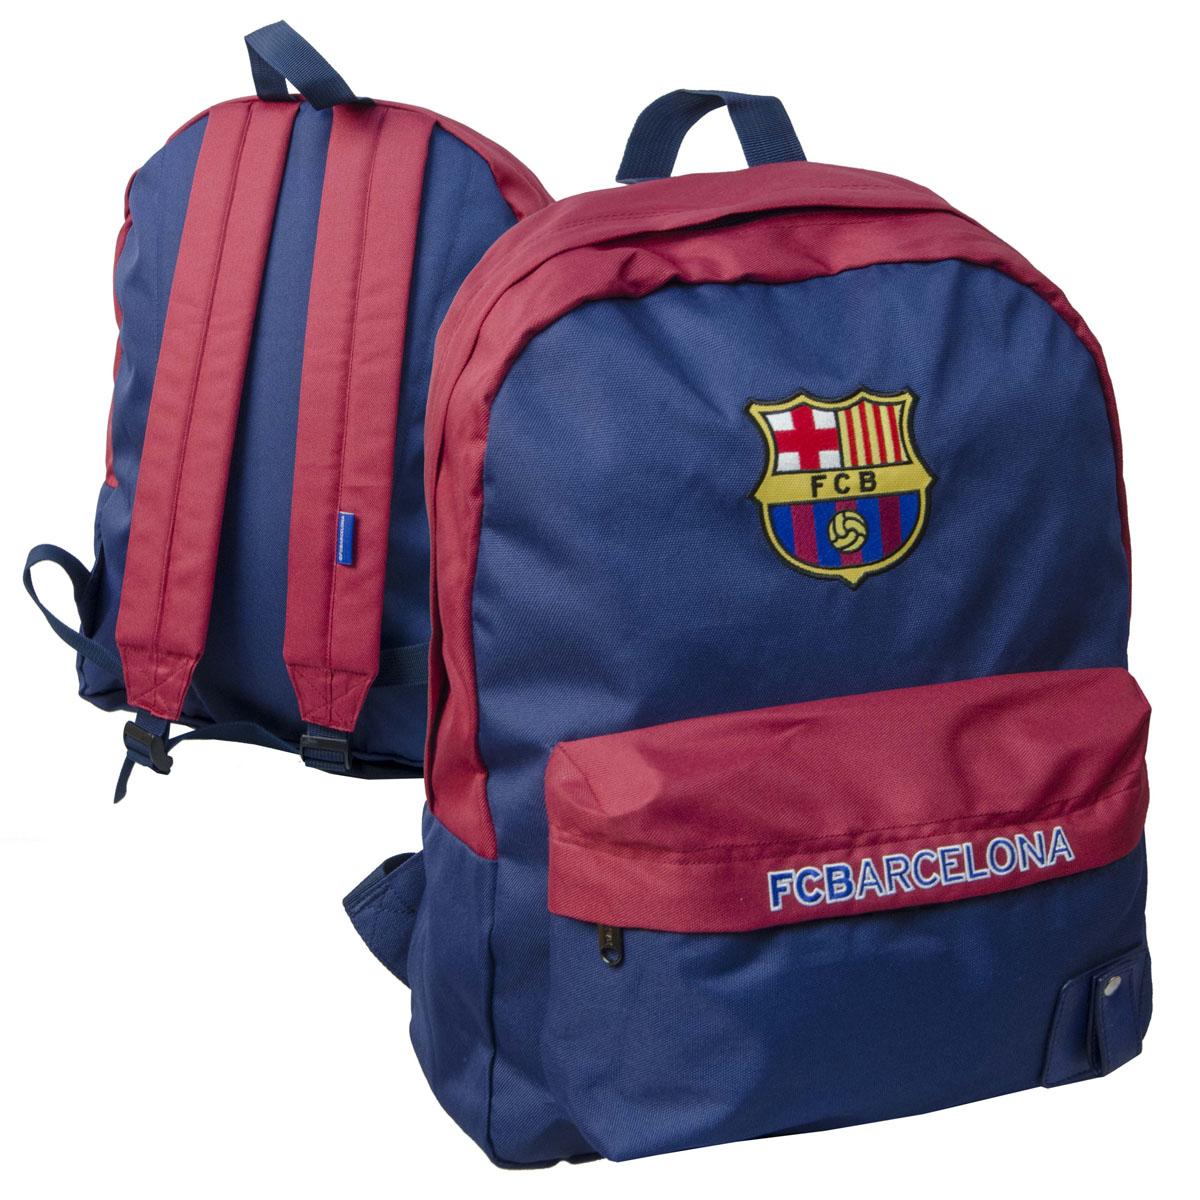 Рюкзак спортивный FC Barcelona, цвет: сине-гранатовый, 18 л. 18923 ( 18923 )